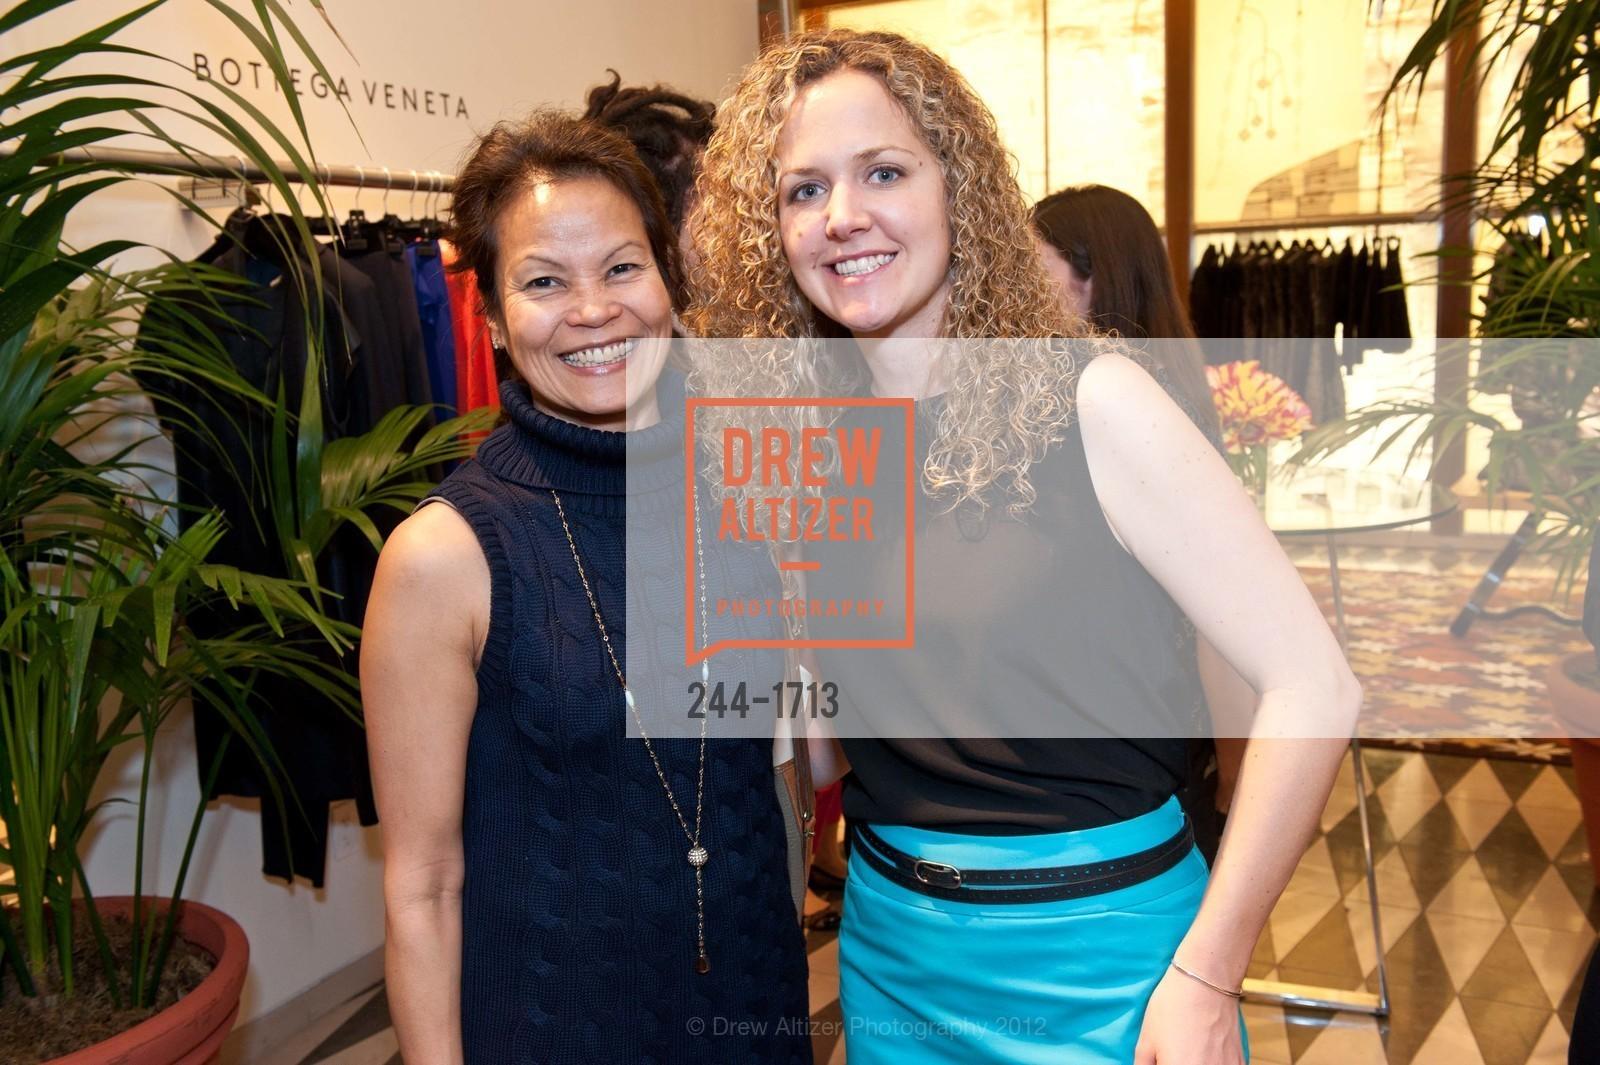 Carol Wong, Sarah Hamm, Photo #244-1713